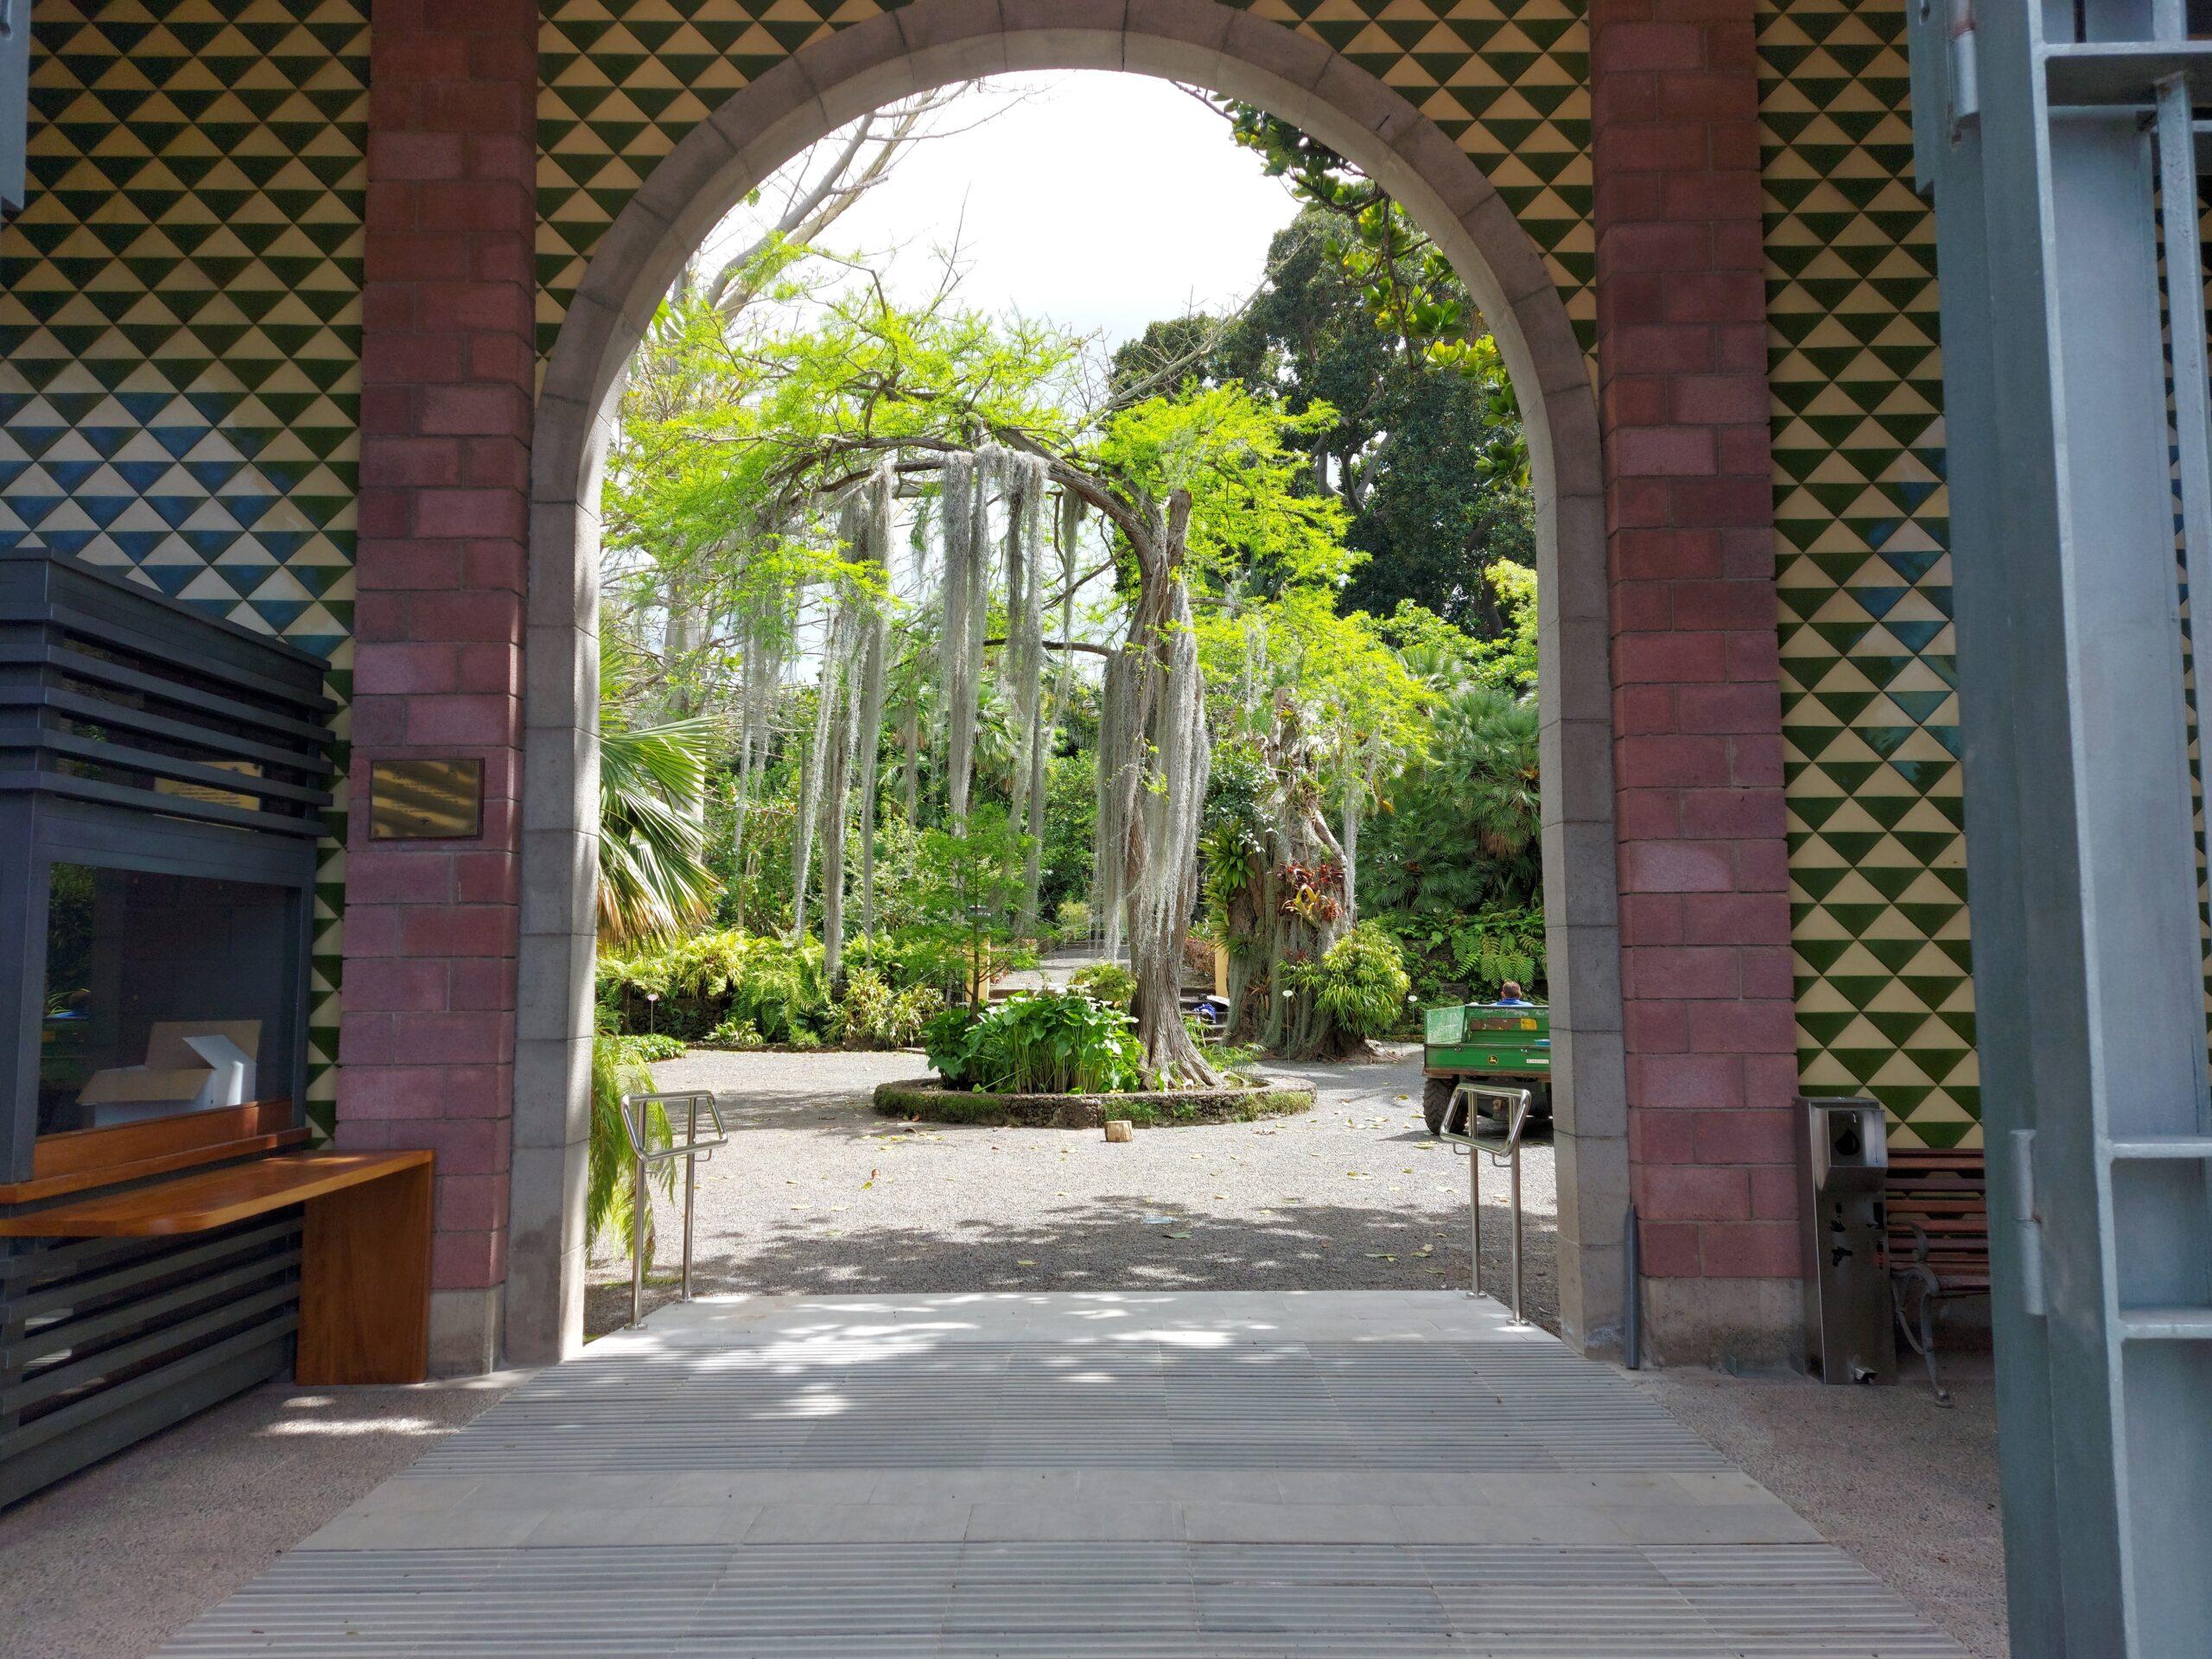 ElJardín Botánico reabre al públicotras dos meses de obras para mejorar la accesibilidad